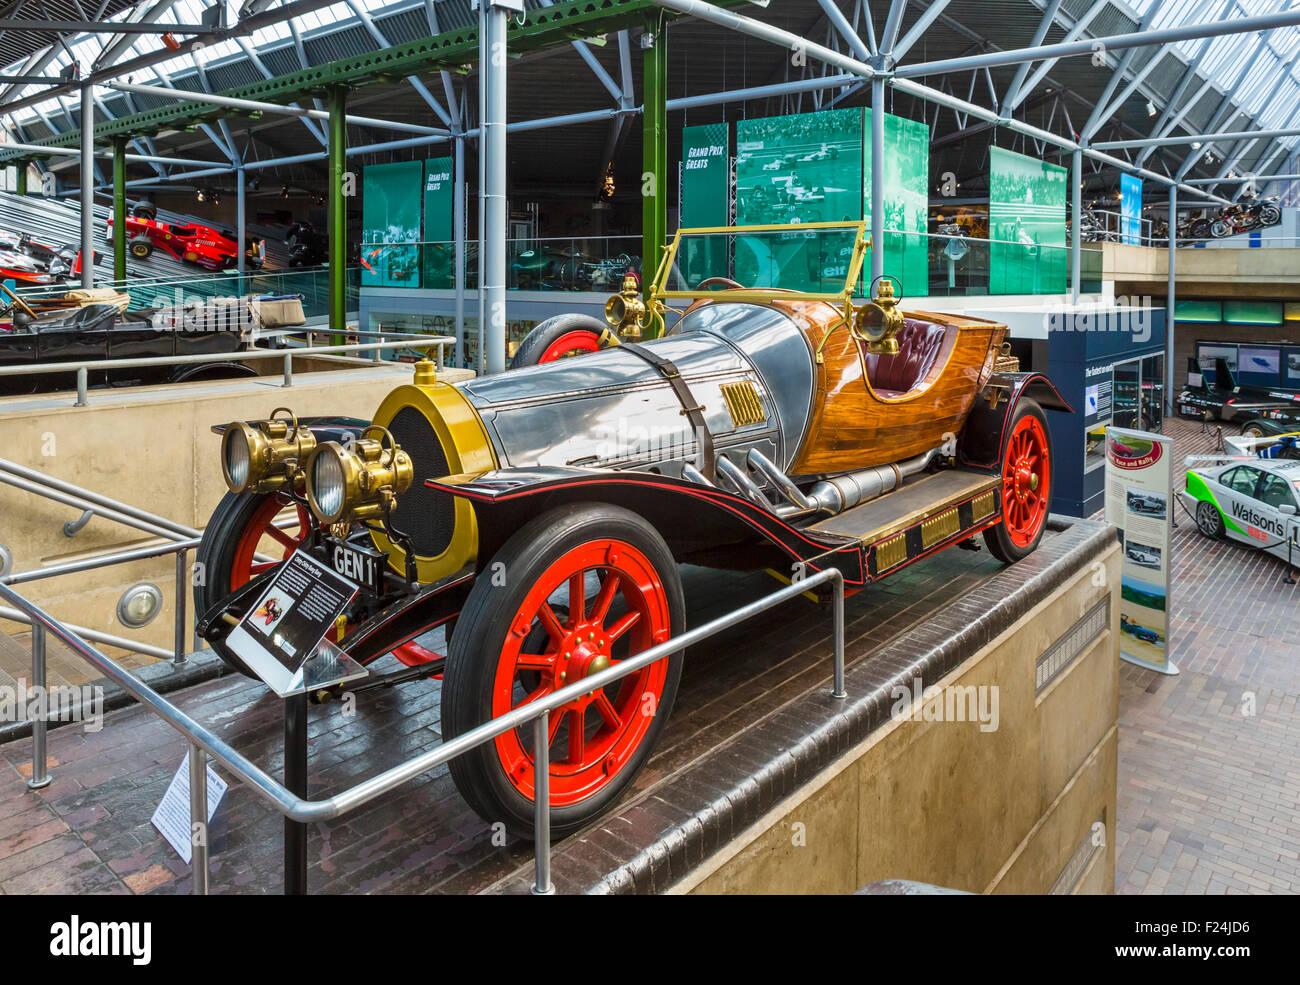 Chitty Chitty Bang Bang car on display at the National Motor Museum, Beaulieu, Hampshire, England UK - Stock Image